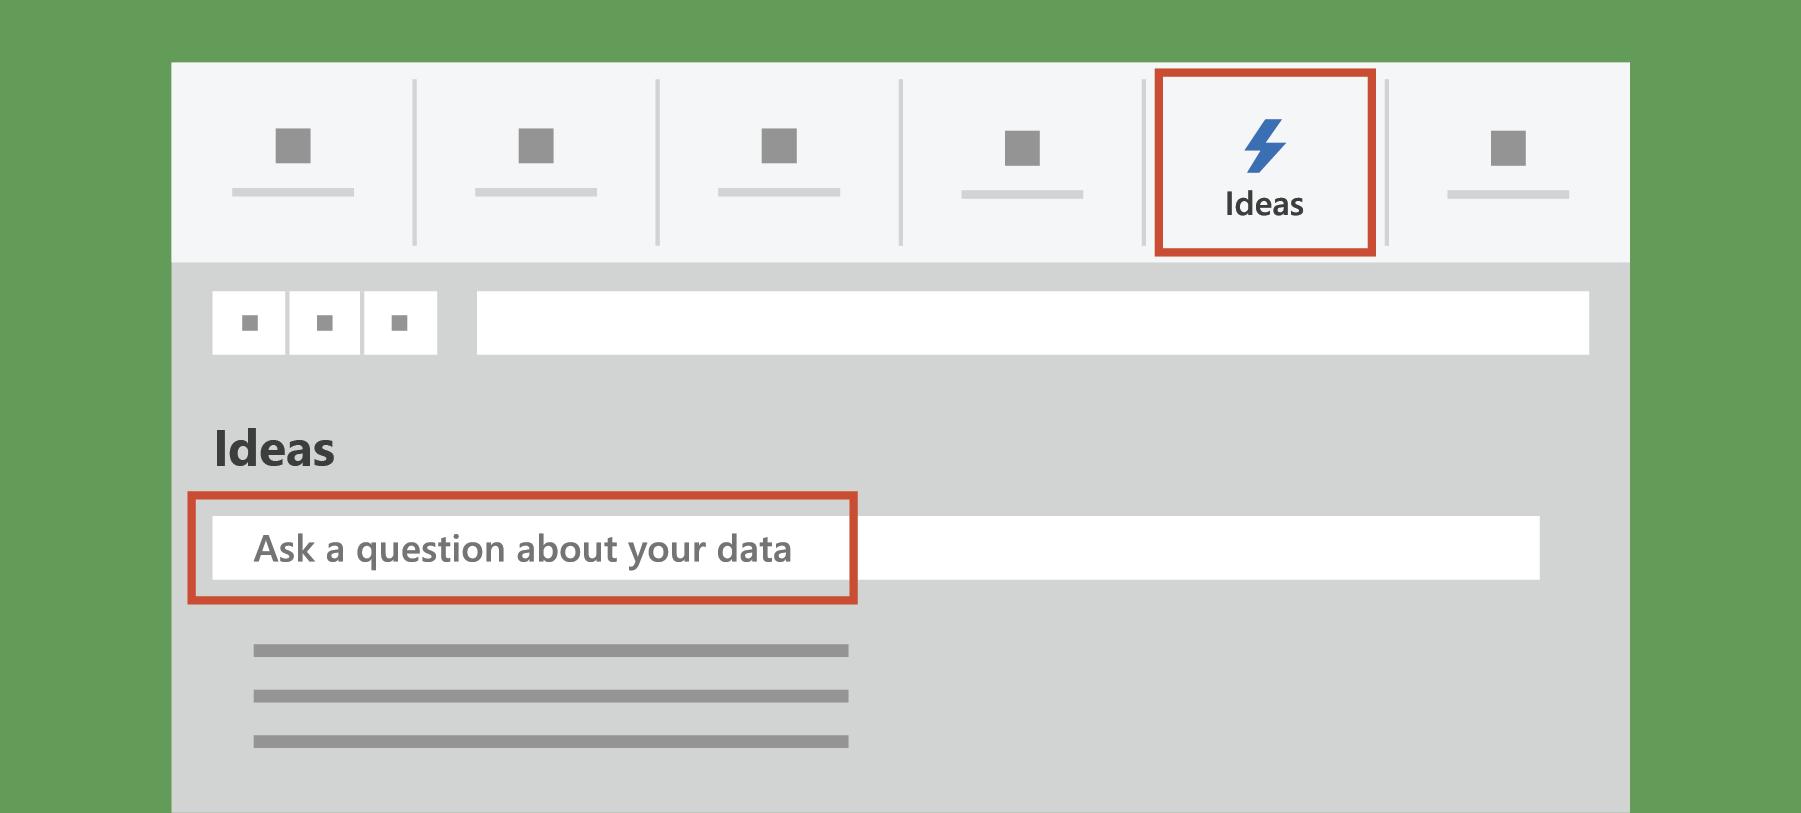 Rāda idejas programmā Excel